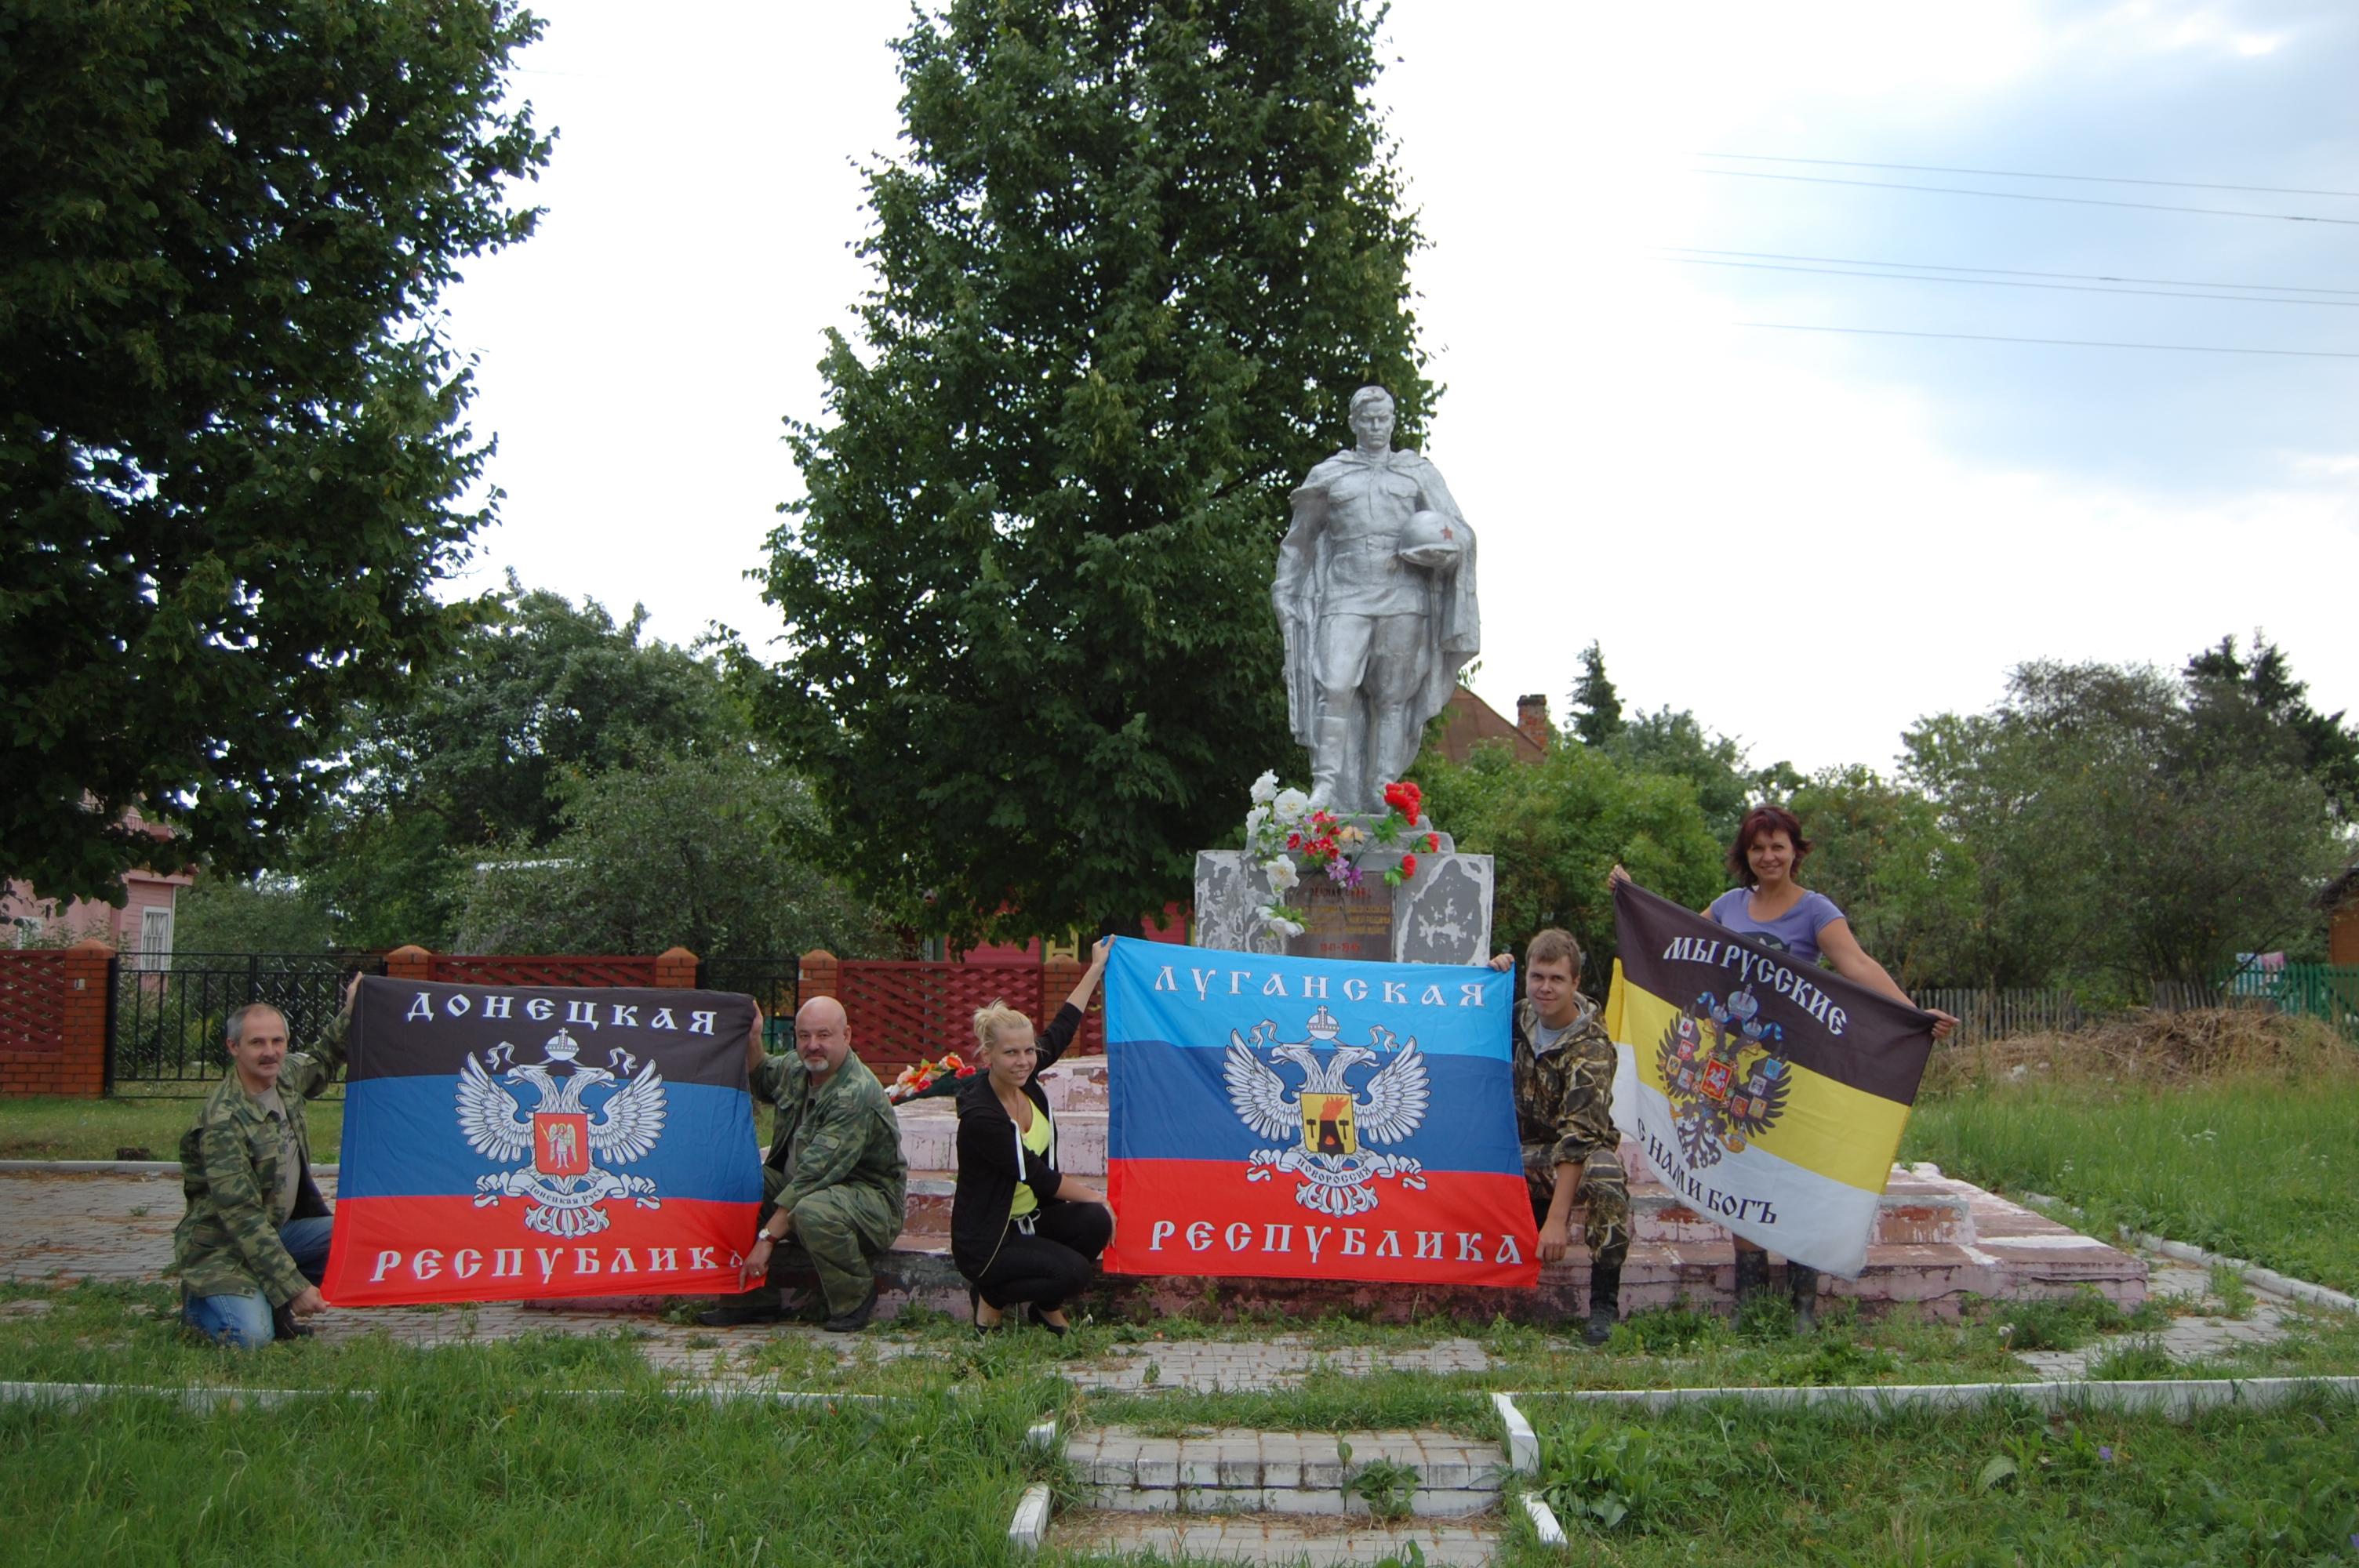 Наша акция по сбору средств помощи Народному Ополчению Донбасса